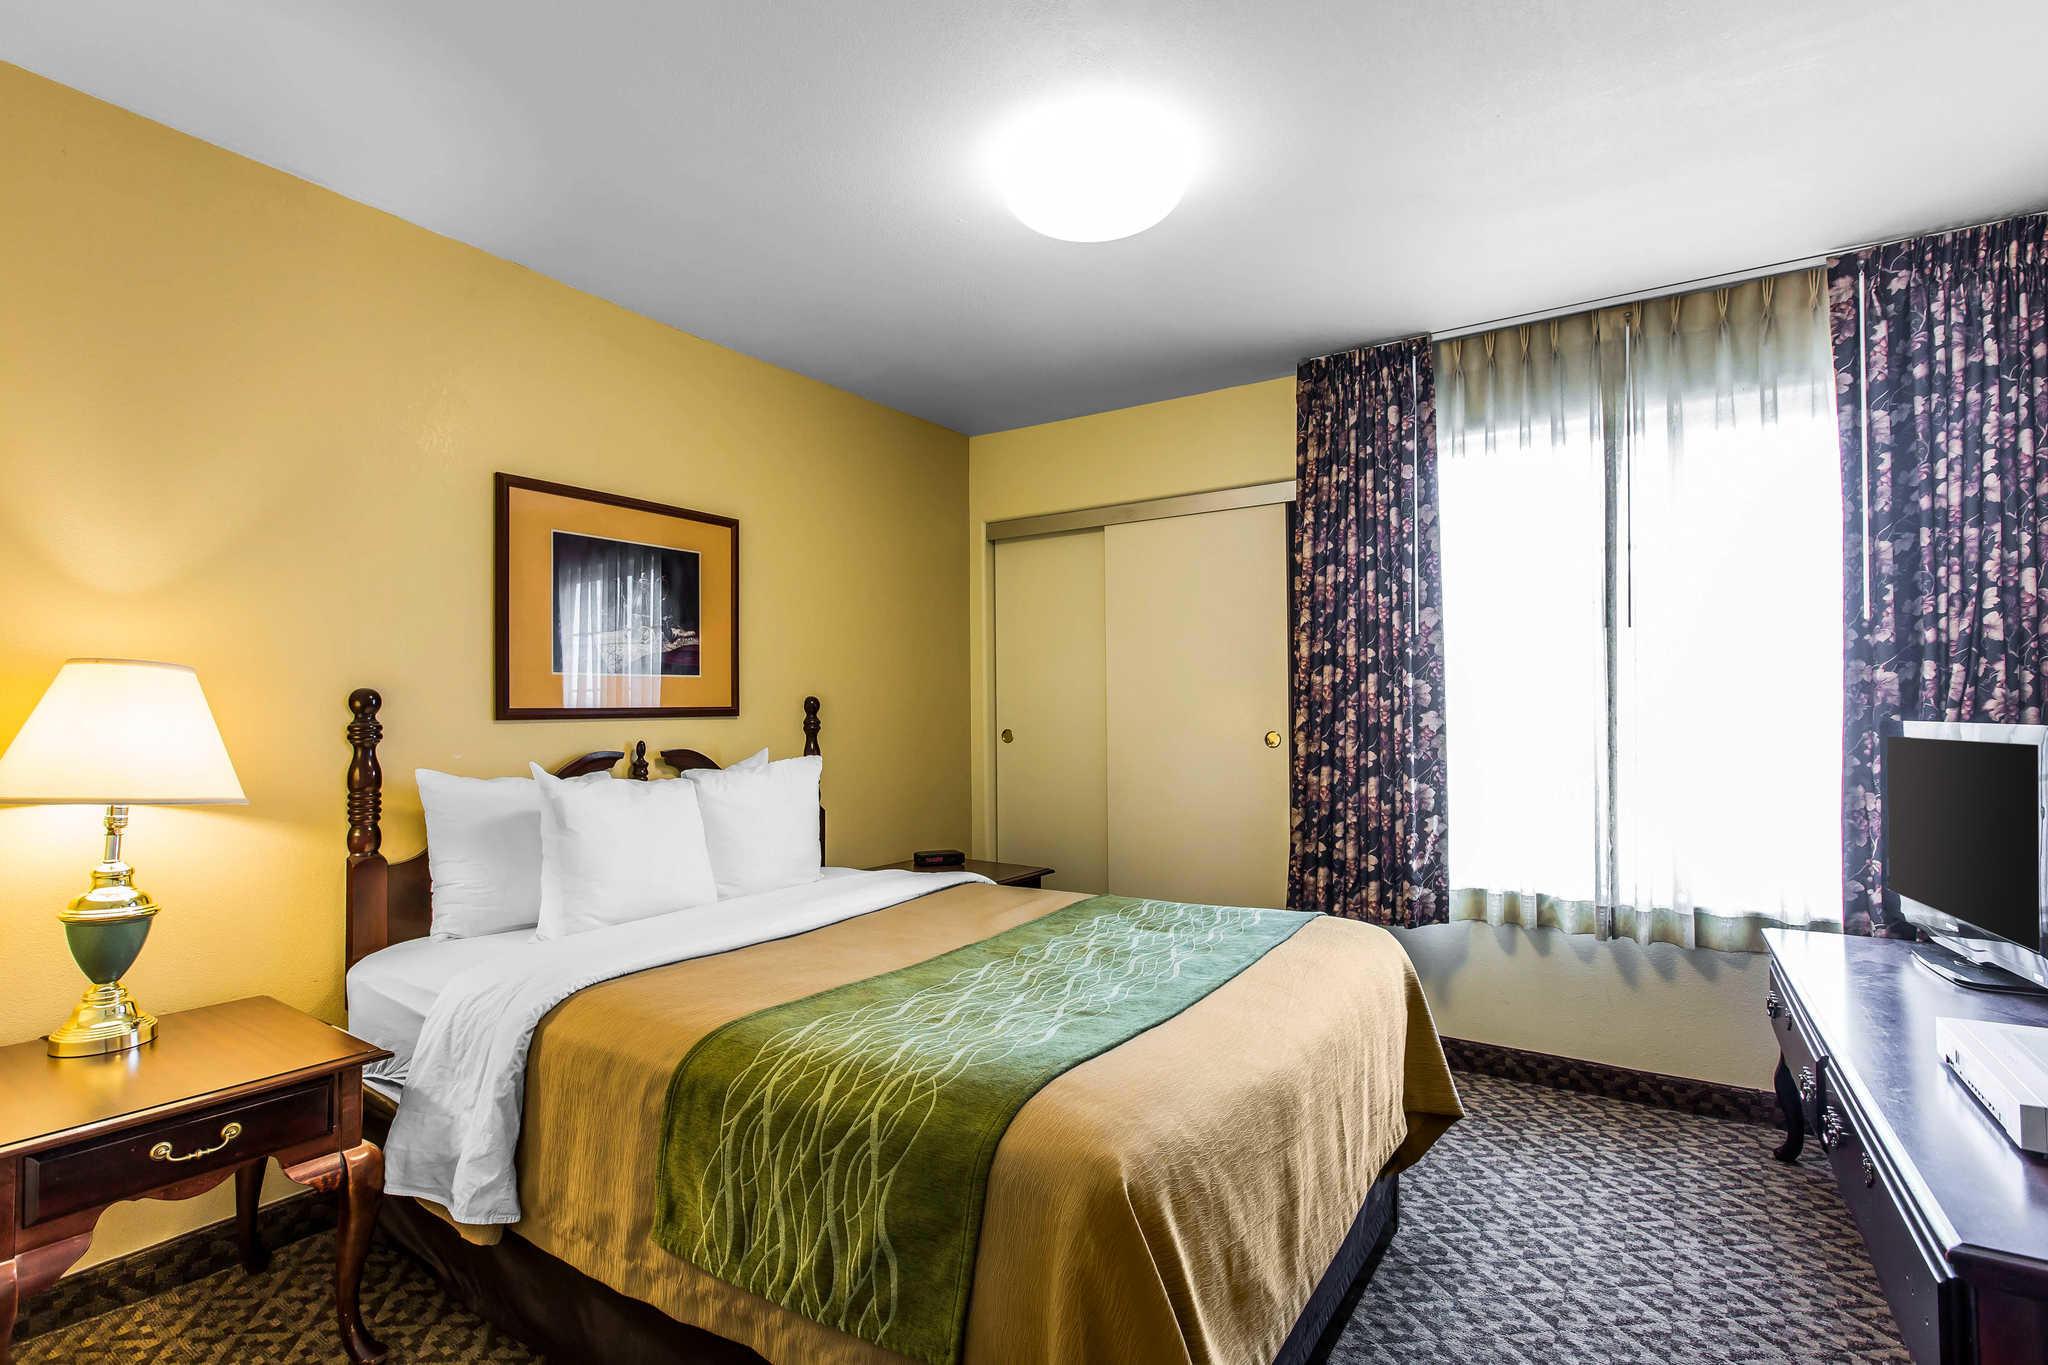 Comfort Inn & Suites El Centro I-8 image 12